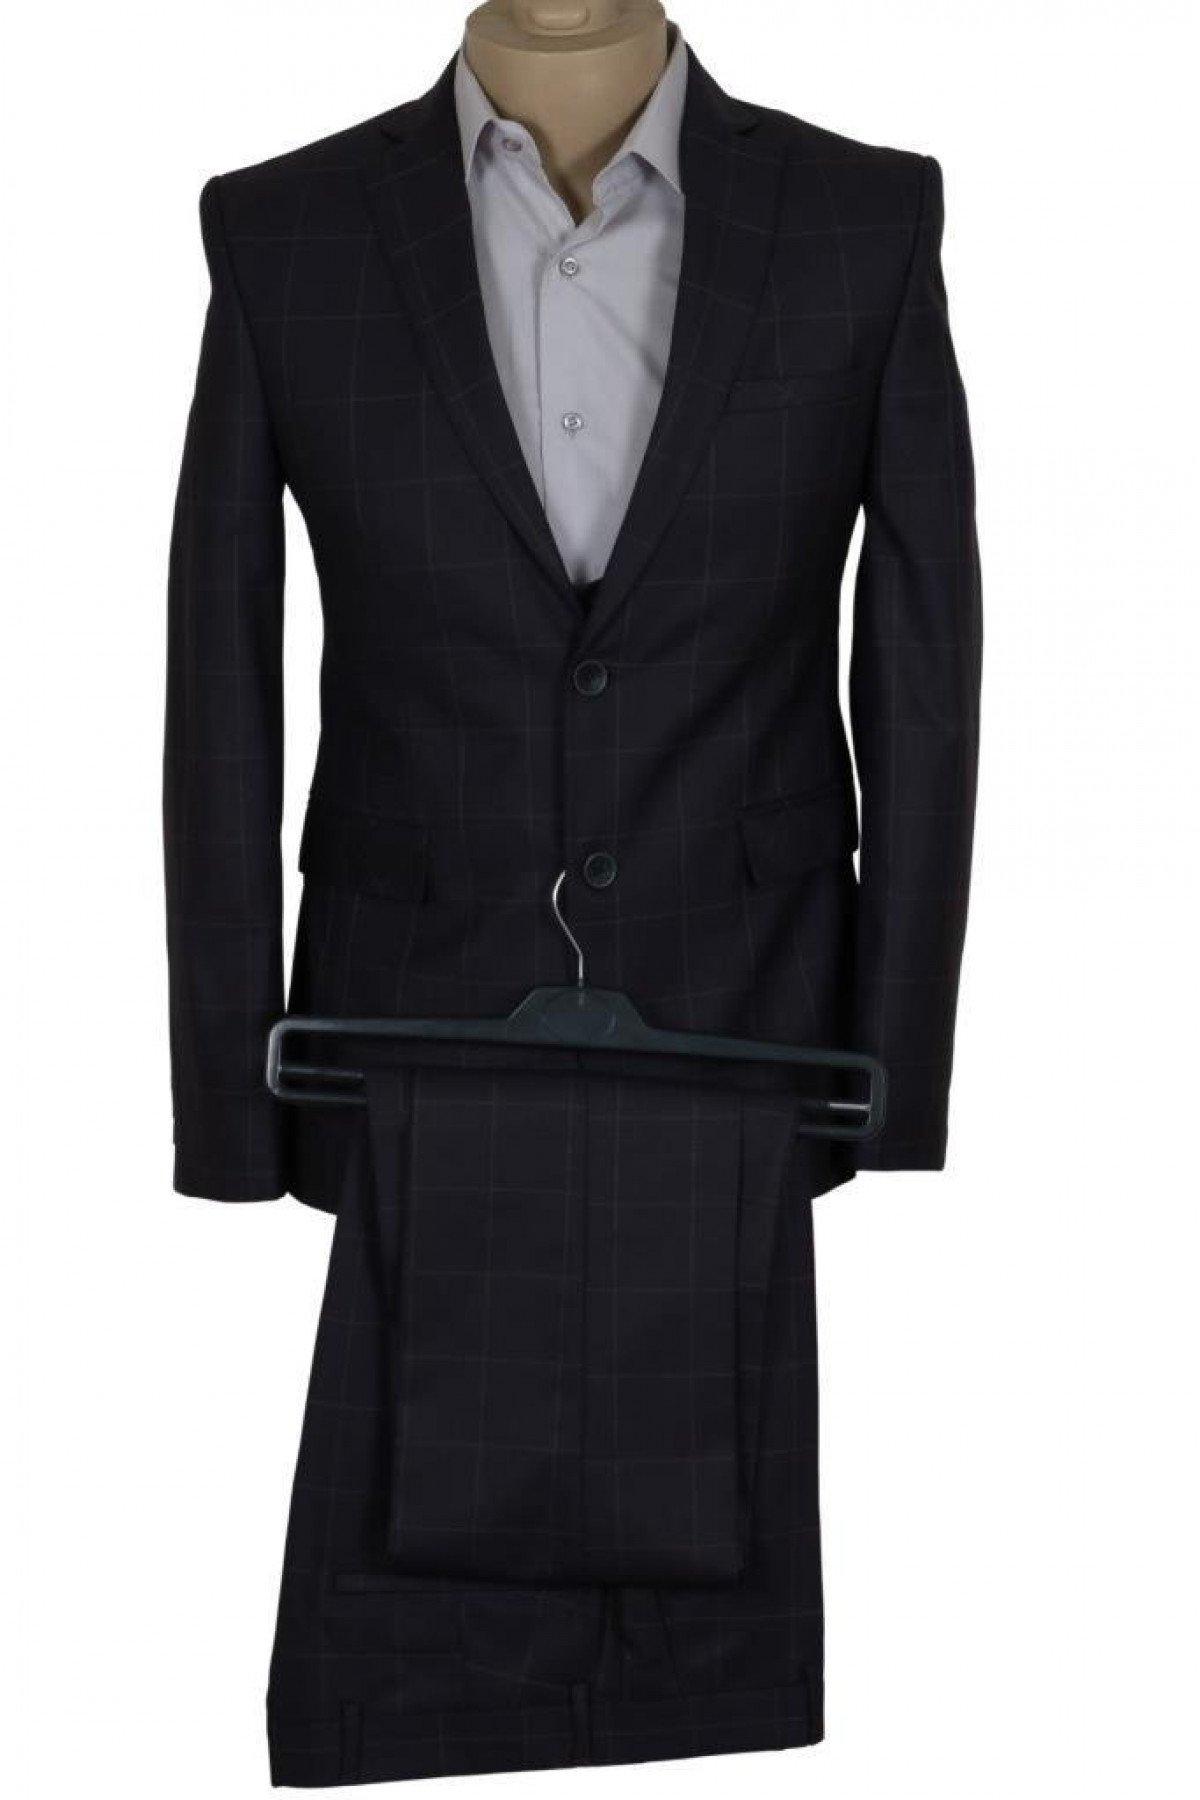 Erkek Takım Elbise Yelekli Dar Kesim RAR00703